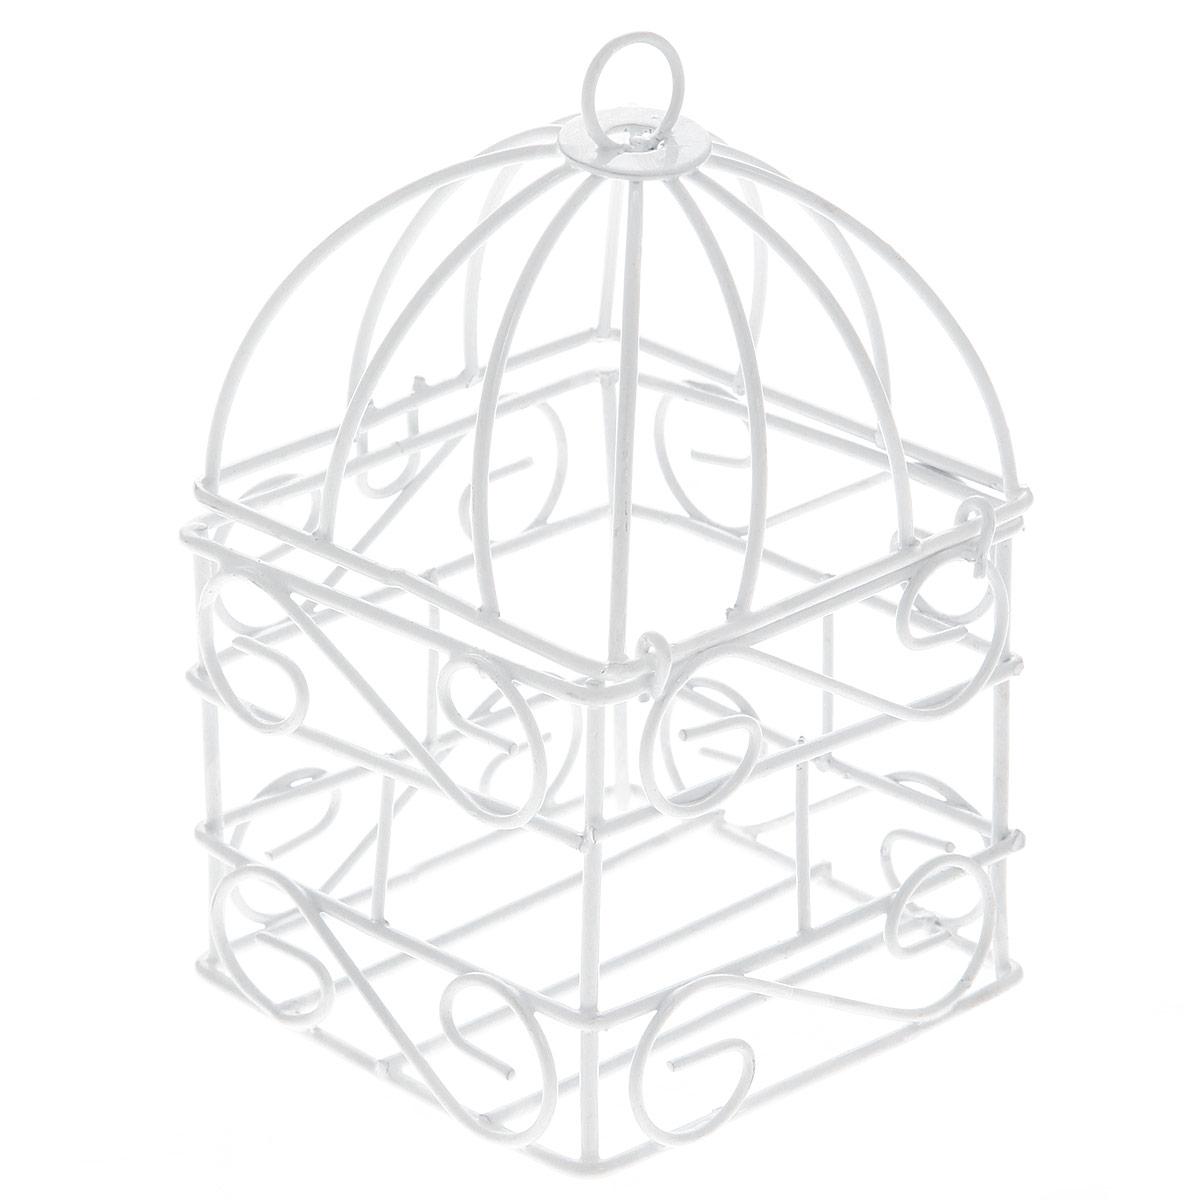 Клетка декоративная ScrapBerrys, цвет: белый, 6 х 6 х 10 см54 009318Декоративная клетка ScrapBerrys выполнена из высококачественного металла. Изделие украшено изящными коваными узорами. Изделие оснащено крышкой, которая закрывается на специальный замок. На крышке имеется крючок, за который клетку можно повесить в любое удобное место. Такая клетка подойдет для декора интерьера дома или офиса. Кроме того - это отличный вариант подарка для ваших близких и друзей.